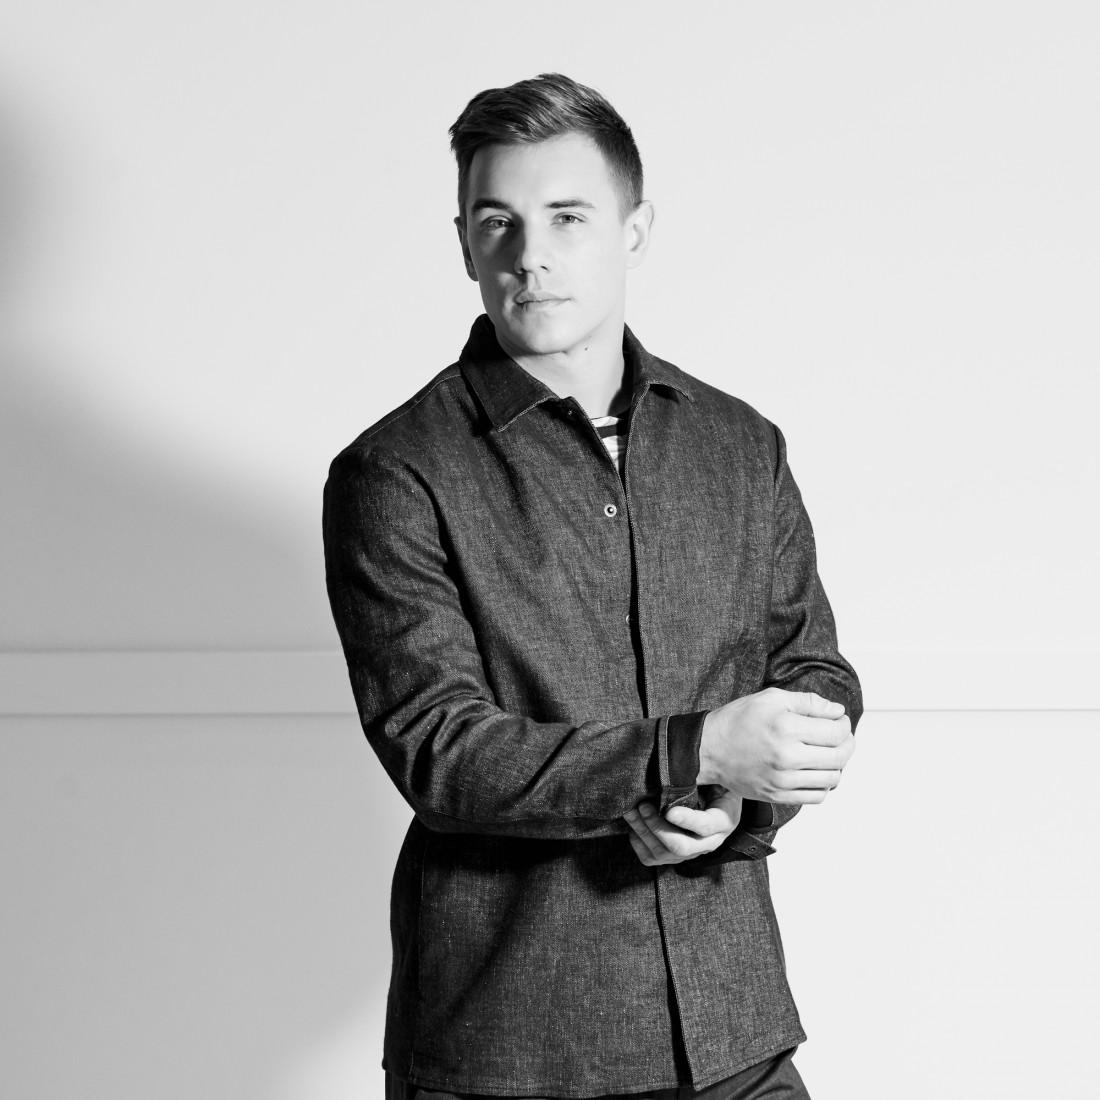 Певец Вадим Олейник рассказал о своем стиле и модных иконах